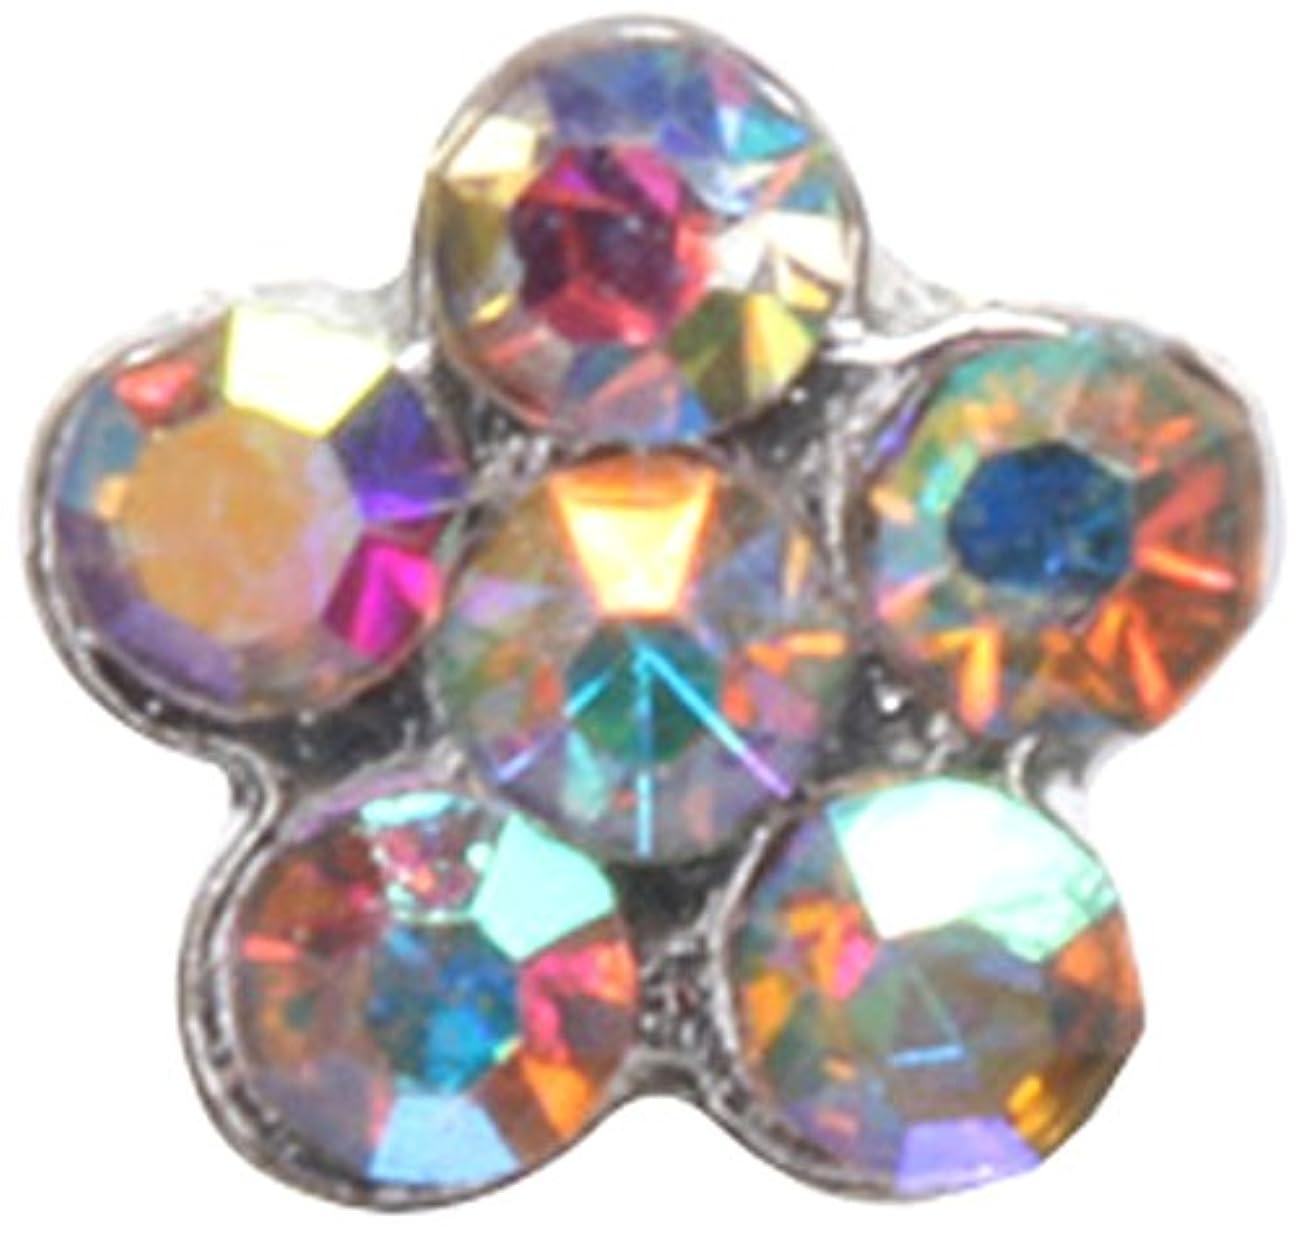 ハードリングダイヤモンド成分フラワー(5)S オーロラ(各2個) シルバー